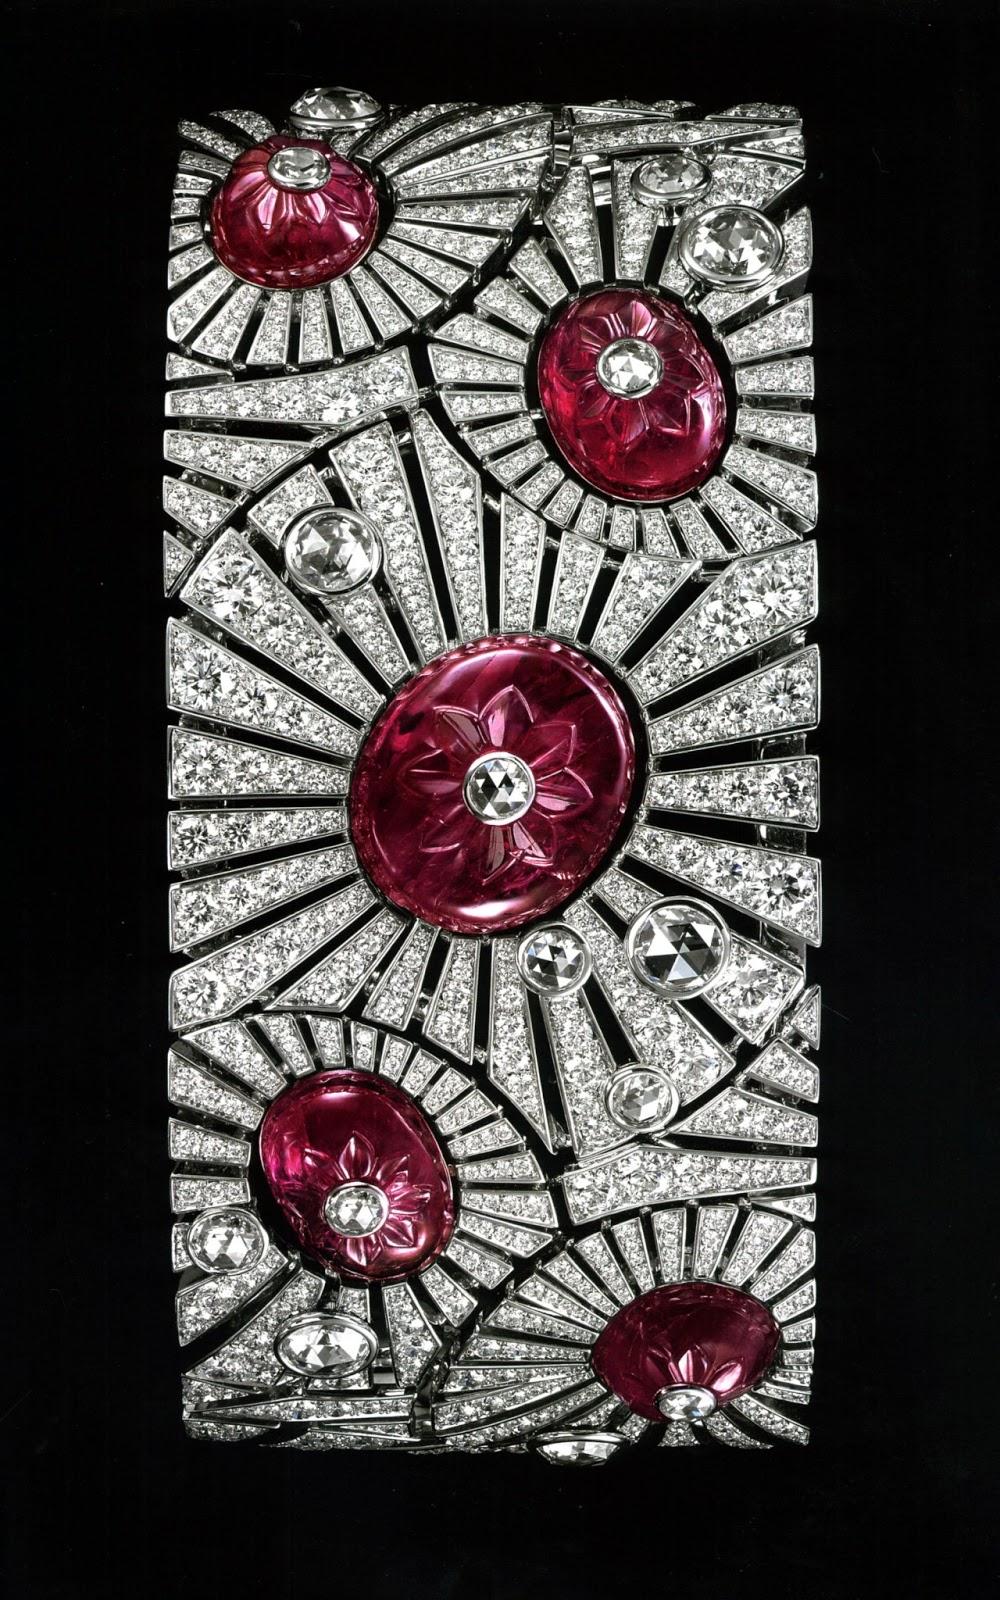 best images about breslet on pinterest